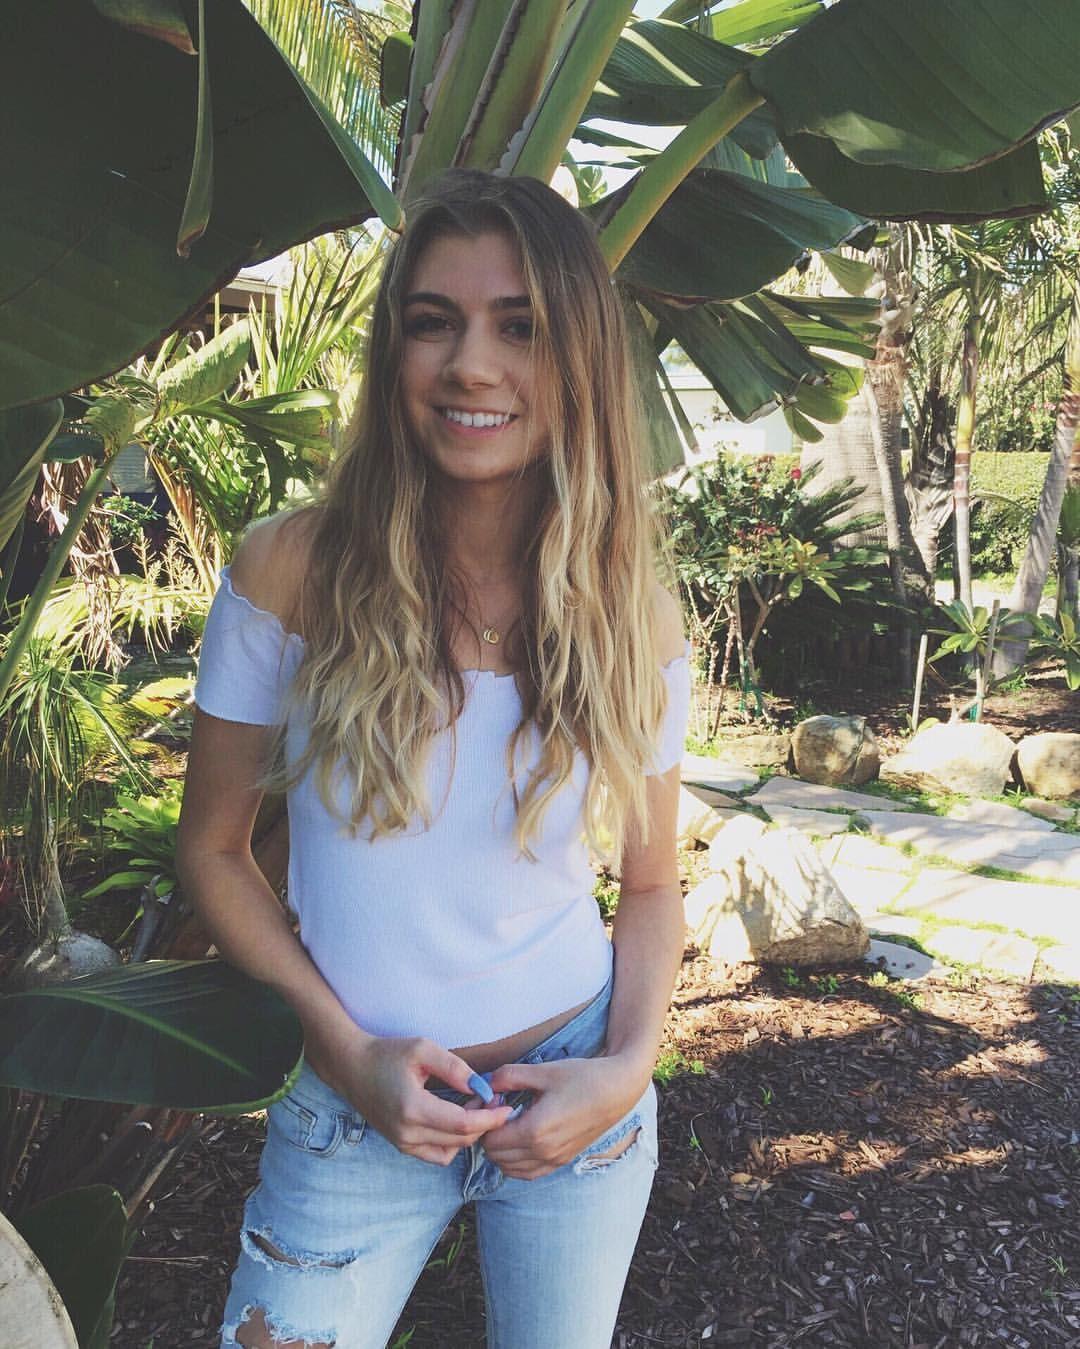 Lauren hubbard danger dating texas